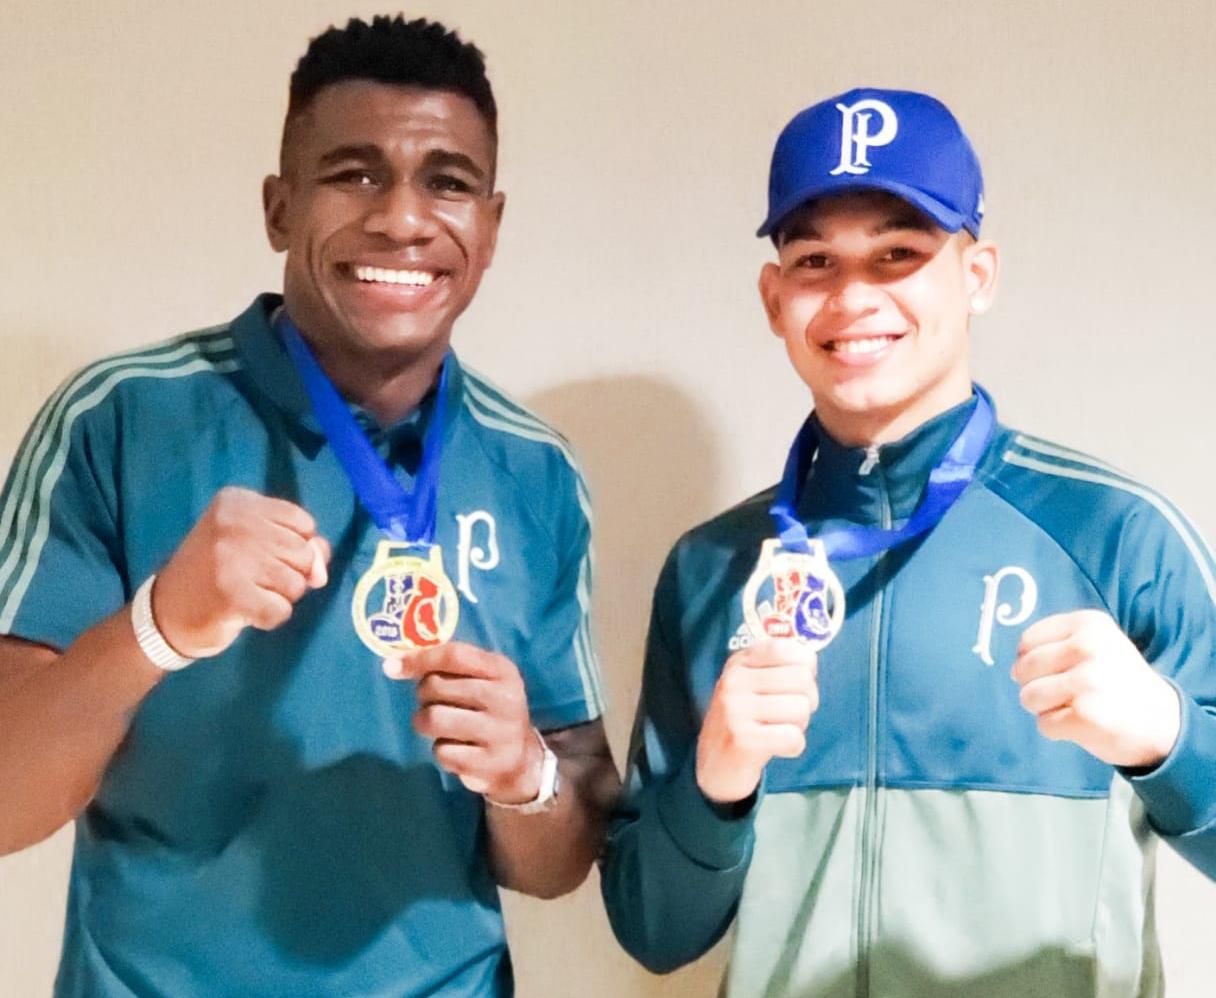 Divulgação_Cosme (esq.) e João (dir.) estão entre os melhores pugilistas do Brasil